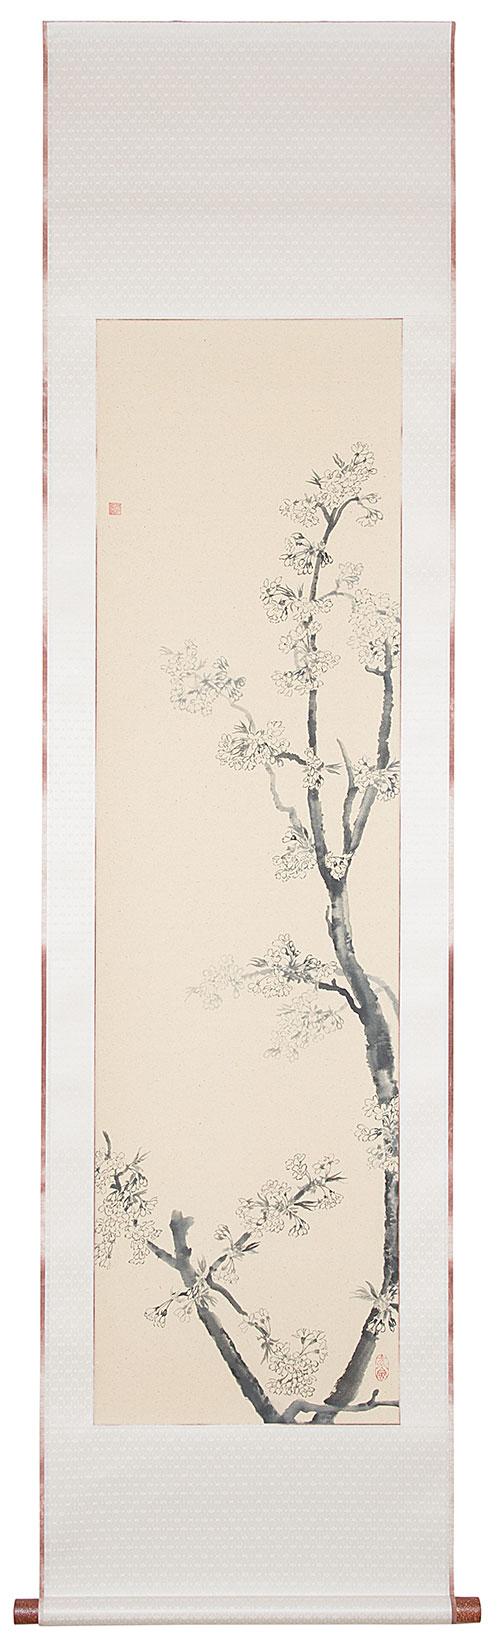 217-Kirschblüten-IMG_8238-Kopie.jpg